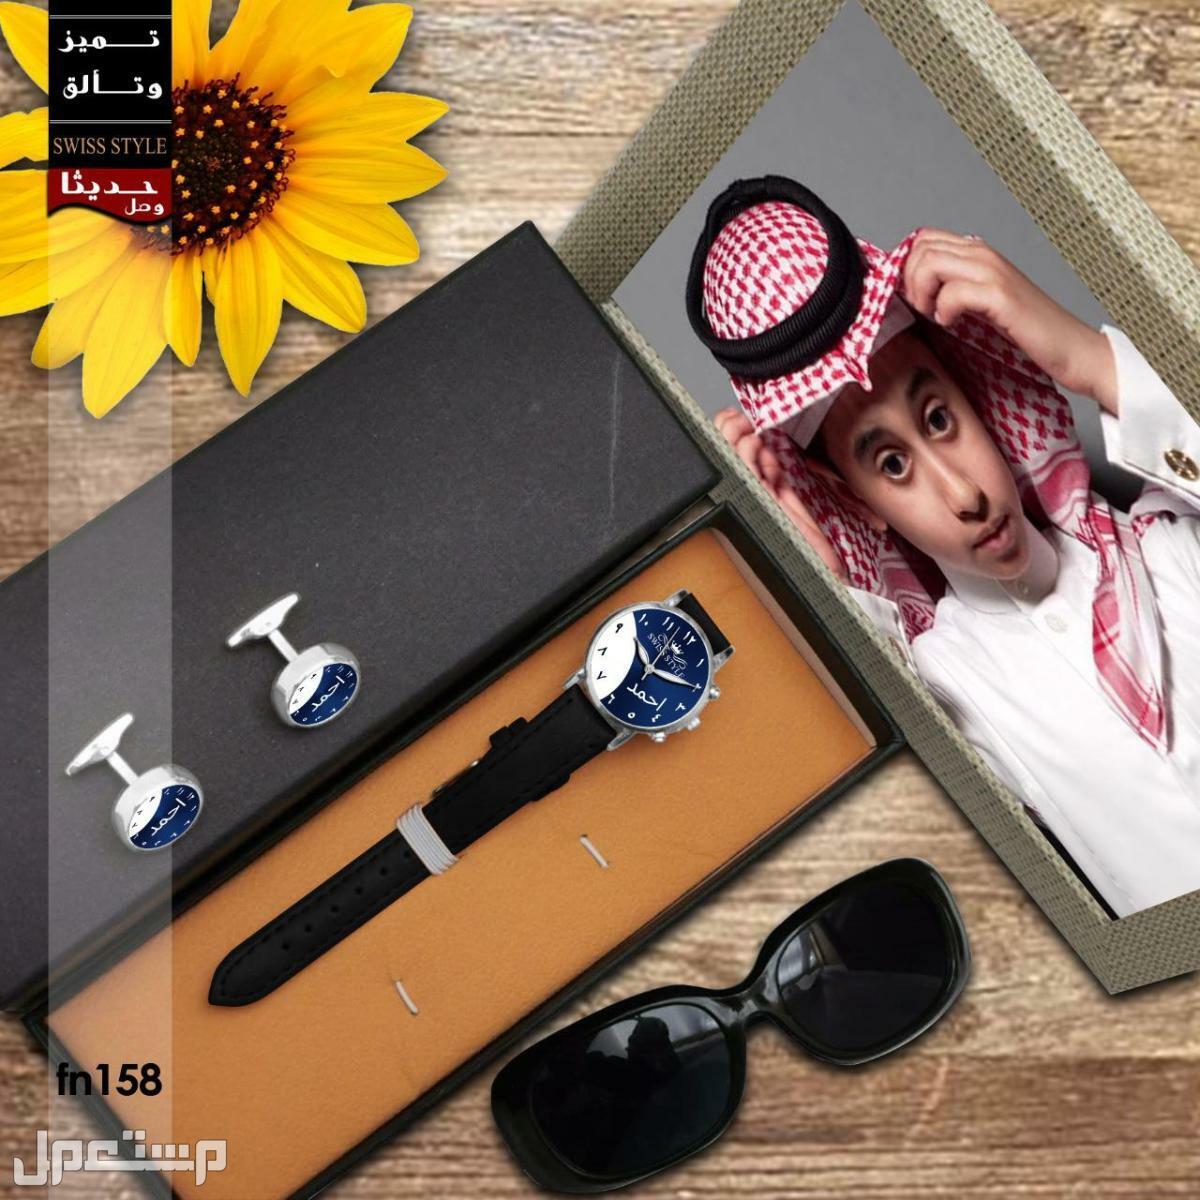 اطقم ساعات هدايا ولادي راقيه تصميم الاسم والصوره حسب الطلب